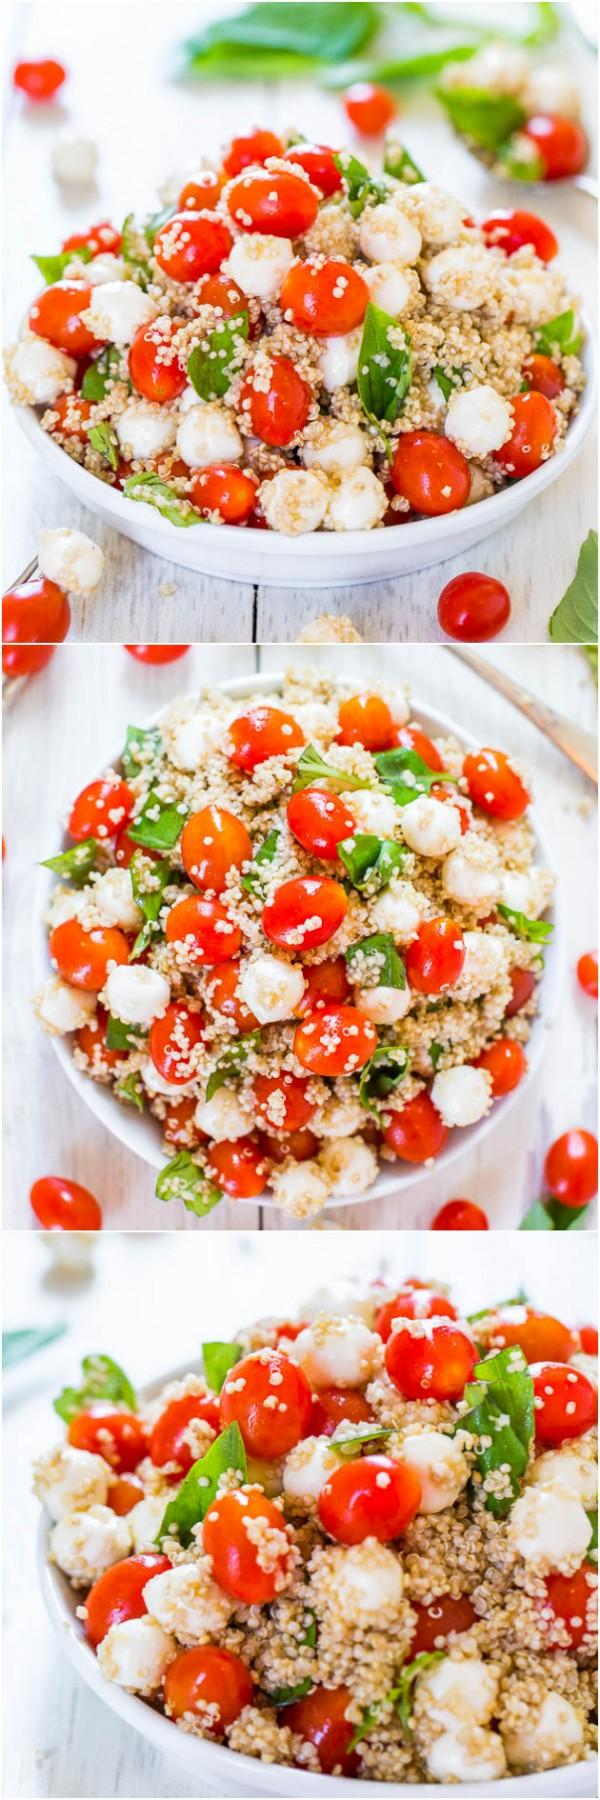 Get the recipe Tomato Mozzarella and Basil Quinoa Salad @recipes_to_go